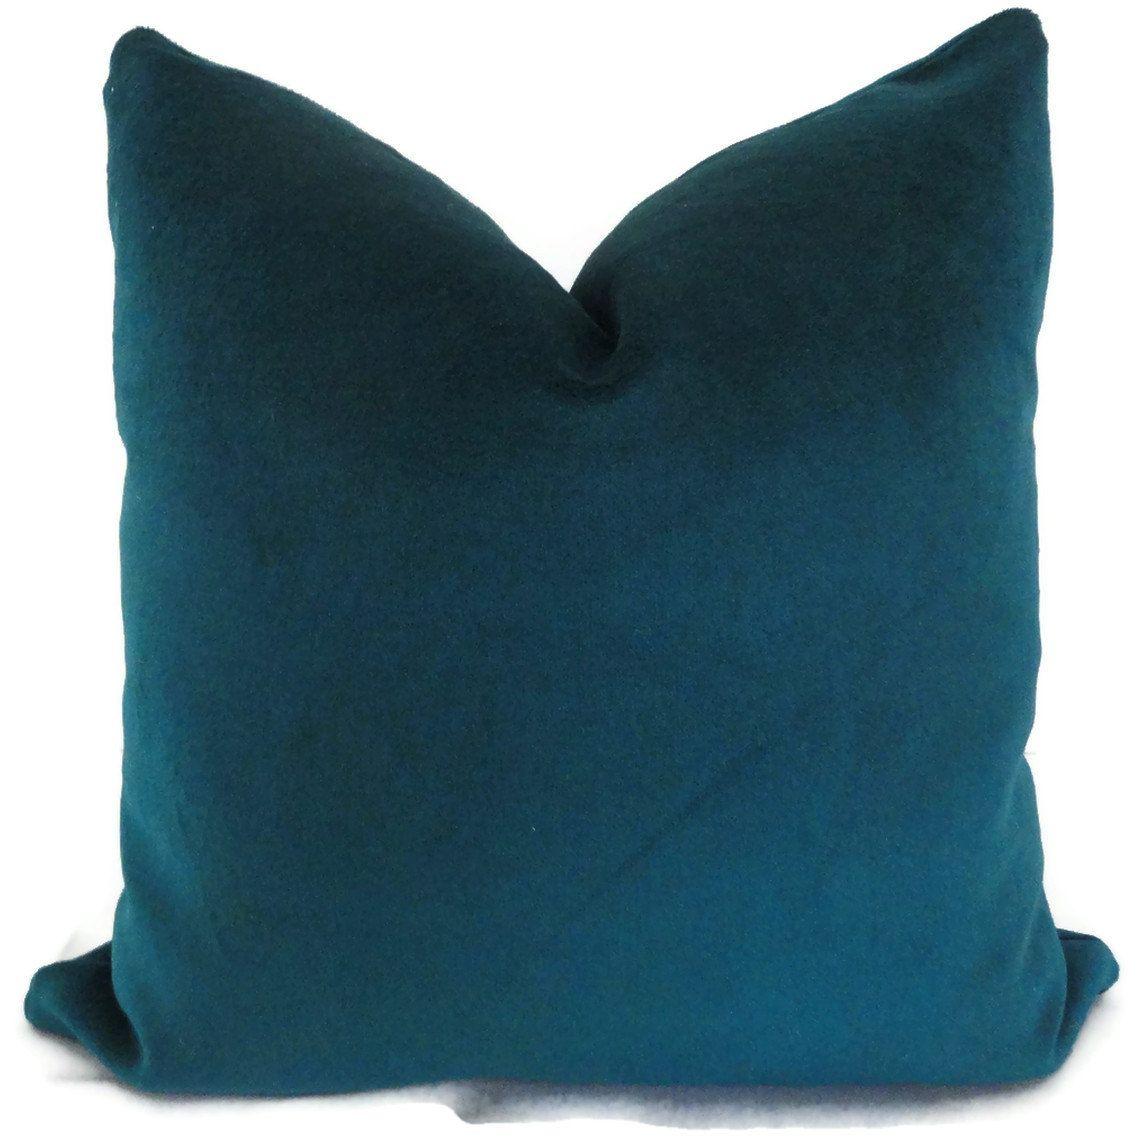 Peacock Blue Decorative Lumbar Pillow